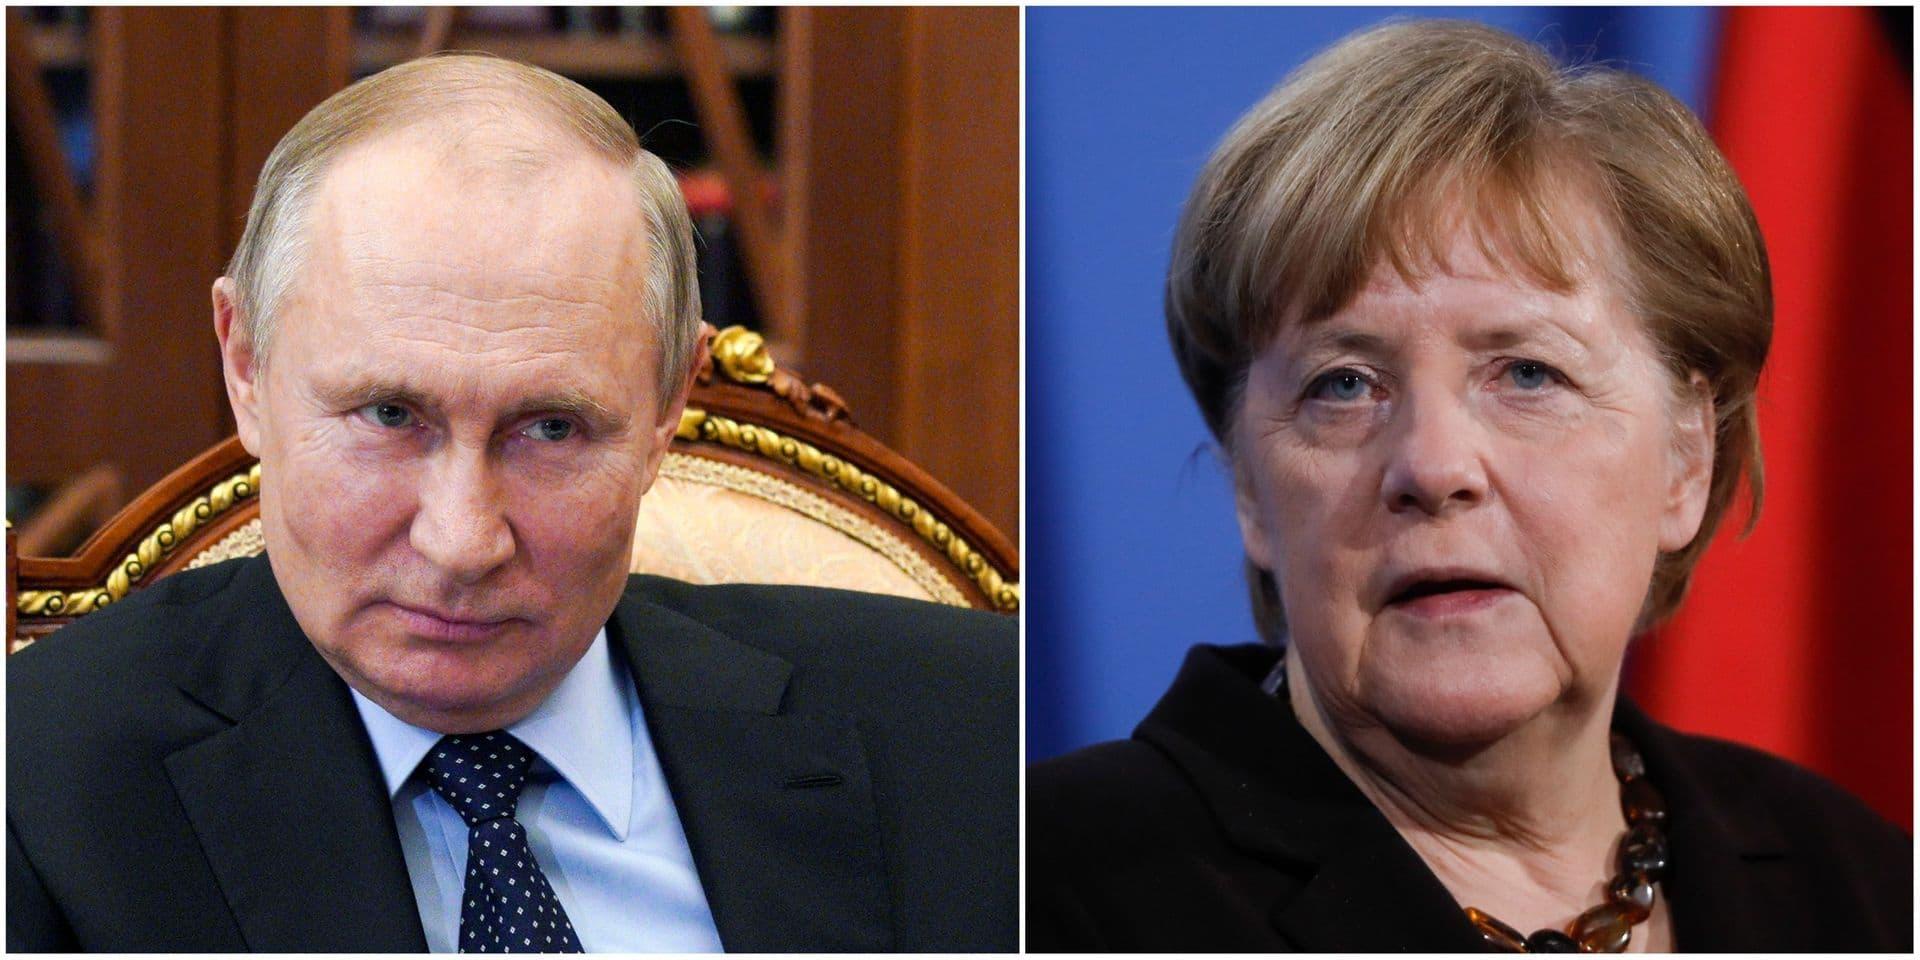 La tension monte d'un cran dans l'Est de l'Ukraine: Merkel demande à la Russie de réduire ses troupes à la frontière